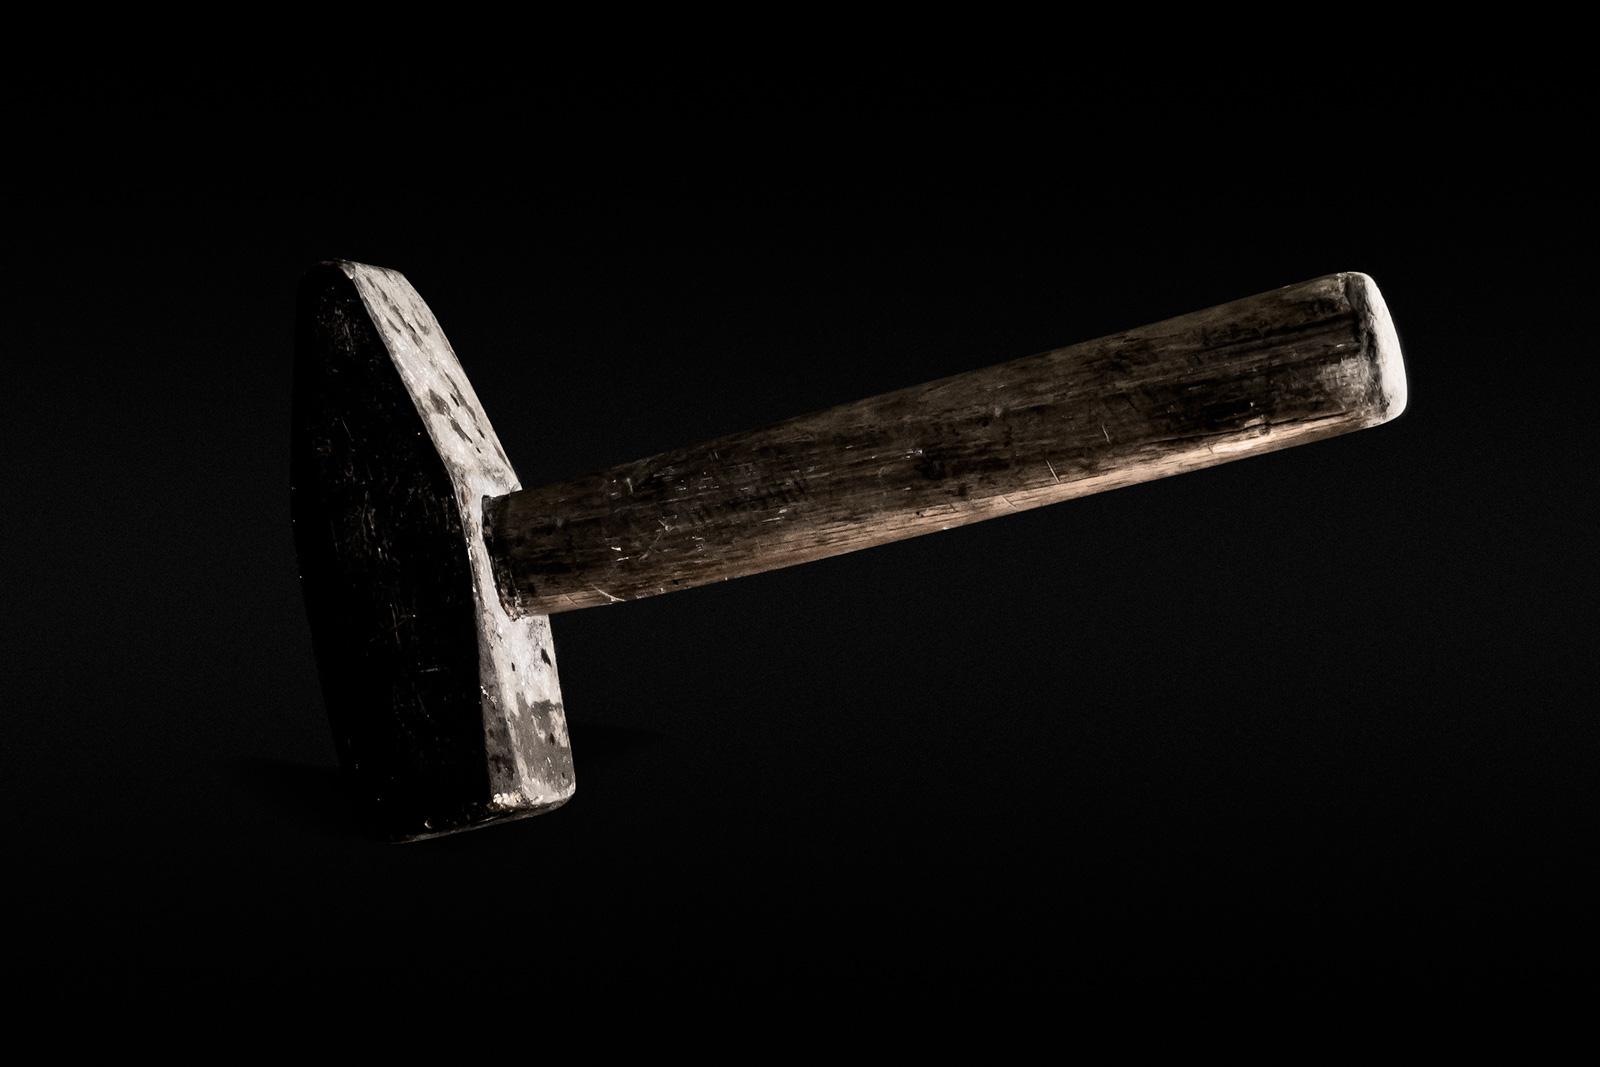 P1022253-Edit_hammer